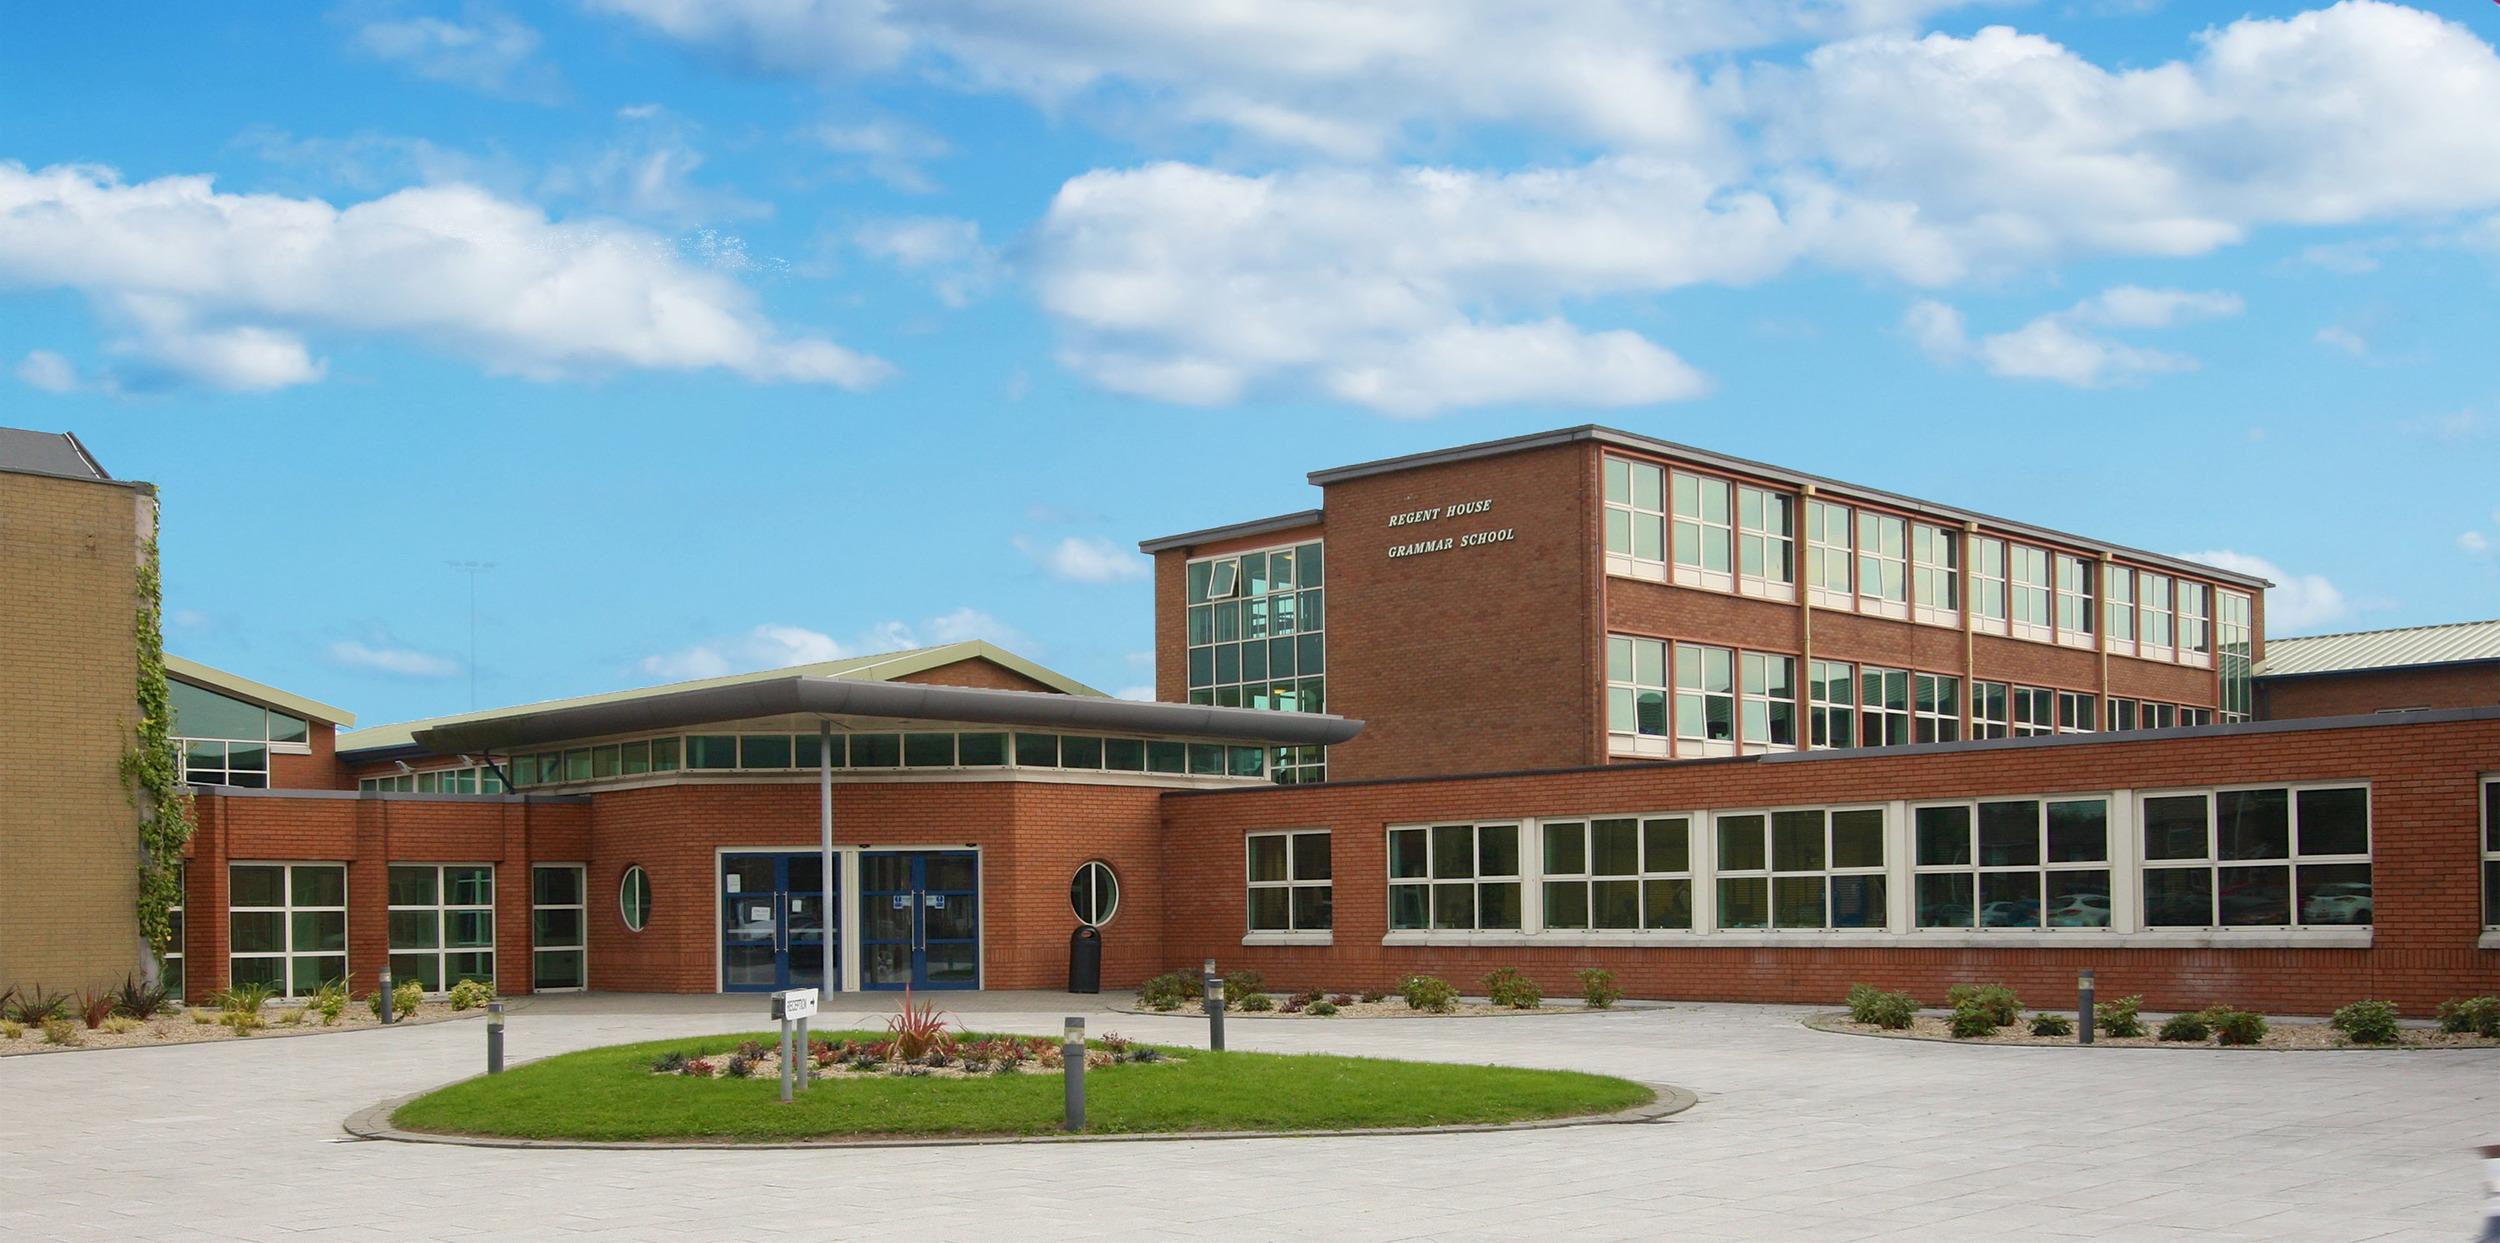 regent house school